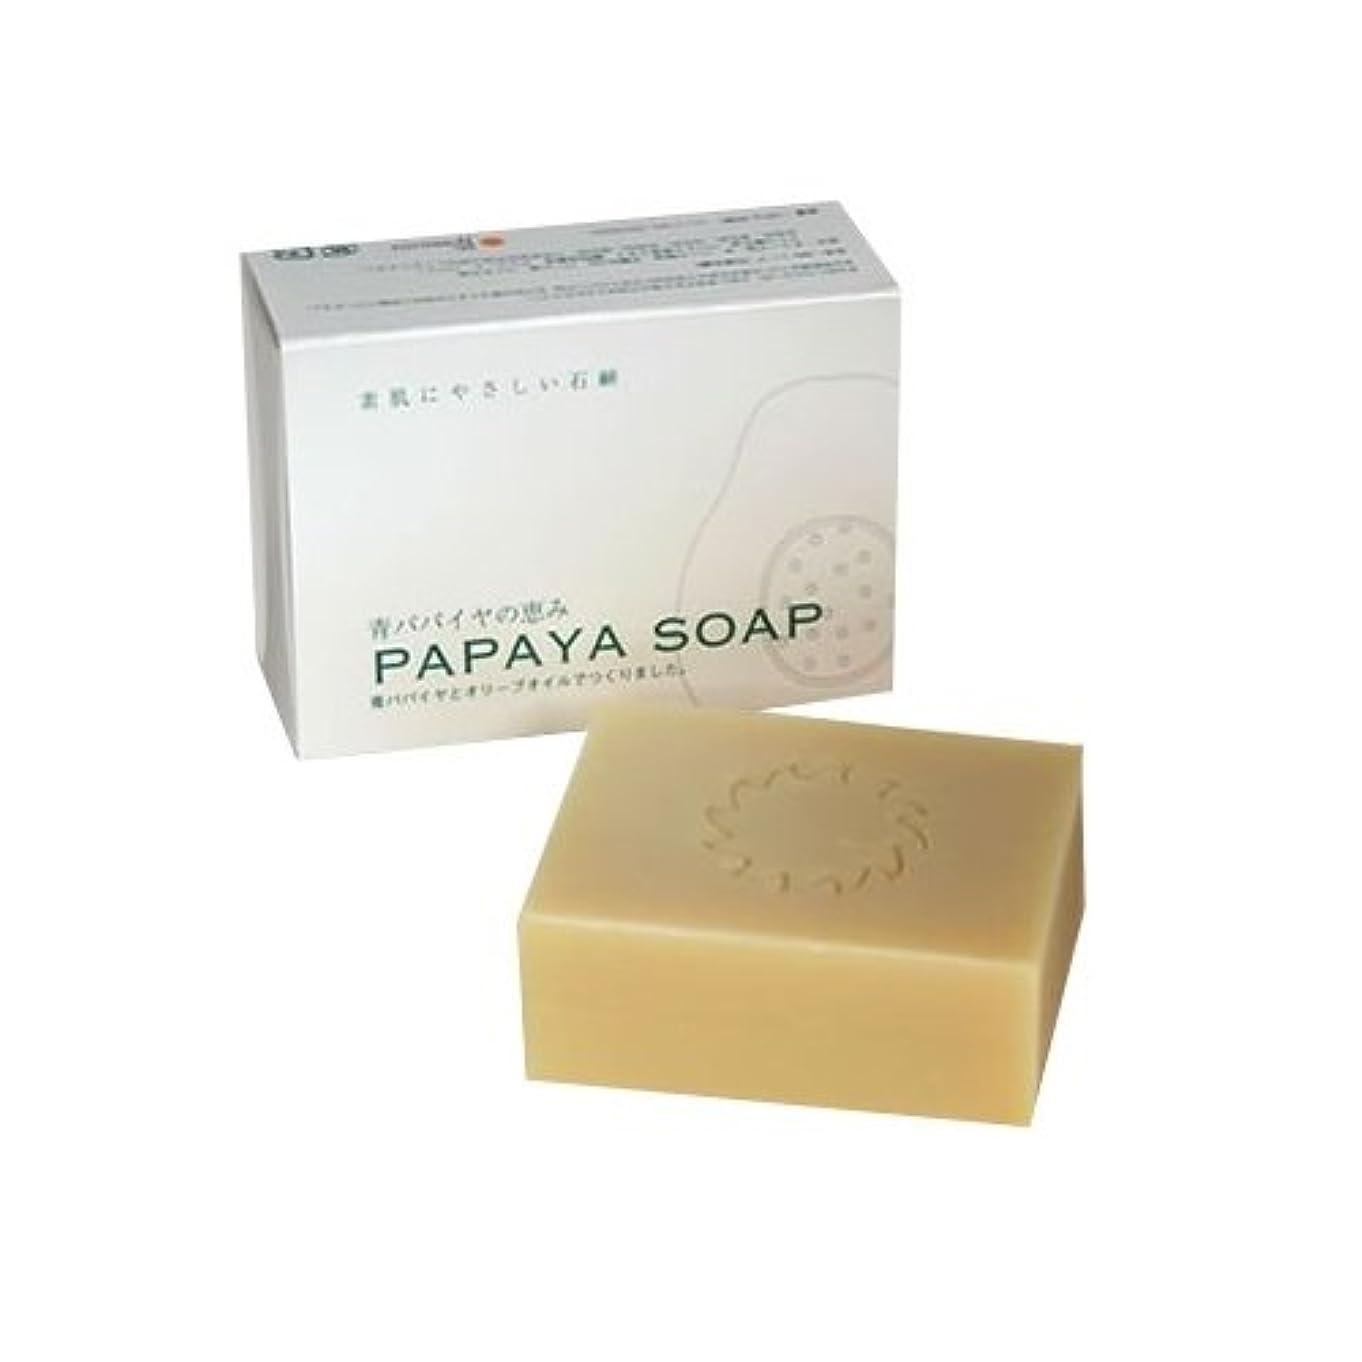 レースと文明青パパイヤの恵み PAPAYA SOAP(パパイヤソープ) 100g